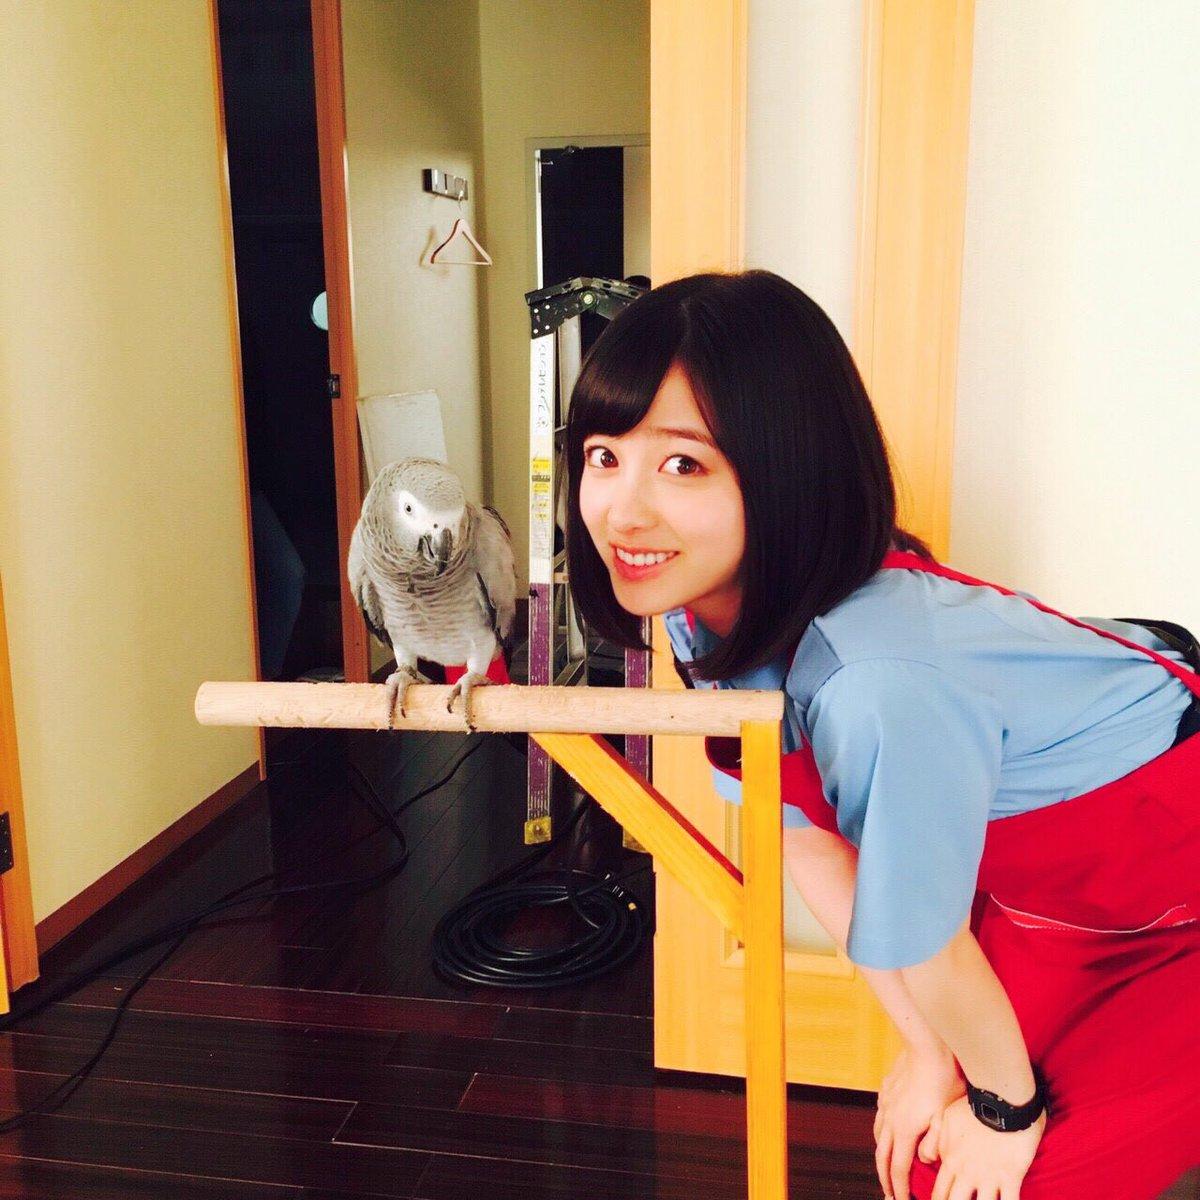 今日は最も賢い鳥と言われているヨウムが登場します! たい焼きの真実も解き明かされますよ〜✨ よる9時…